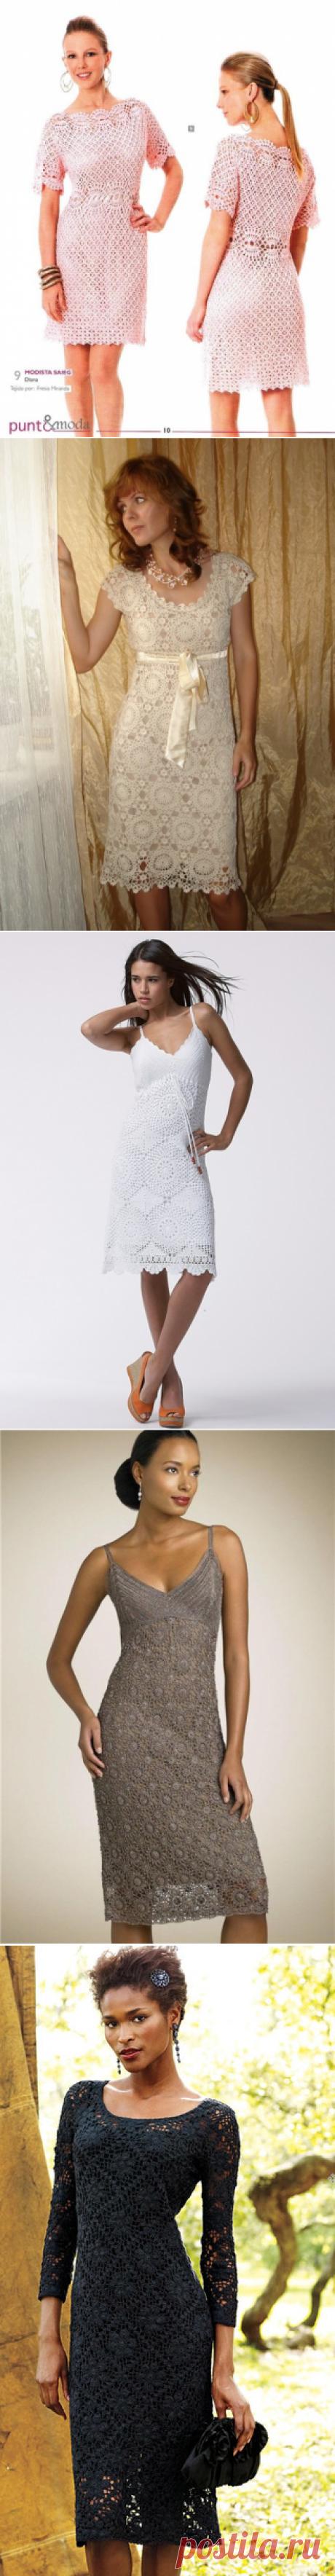 Вечерние платья крючком, вязать платье крючком схемы, летние платья крючком схемы и описание | Метки: фото, вязаный